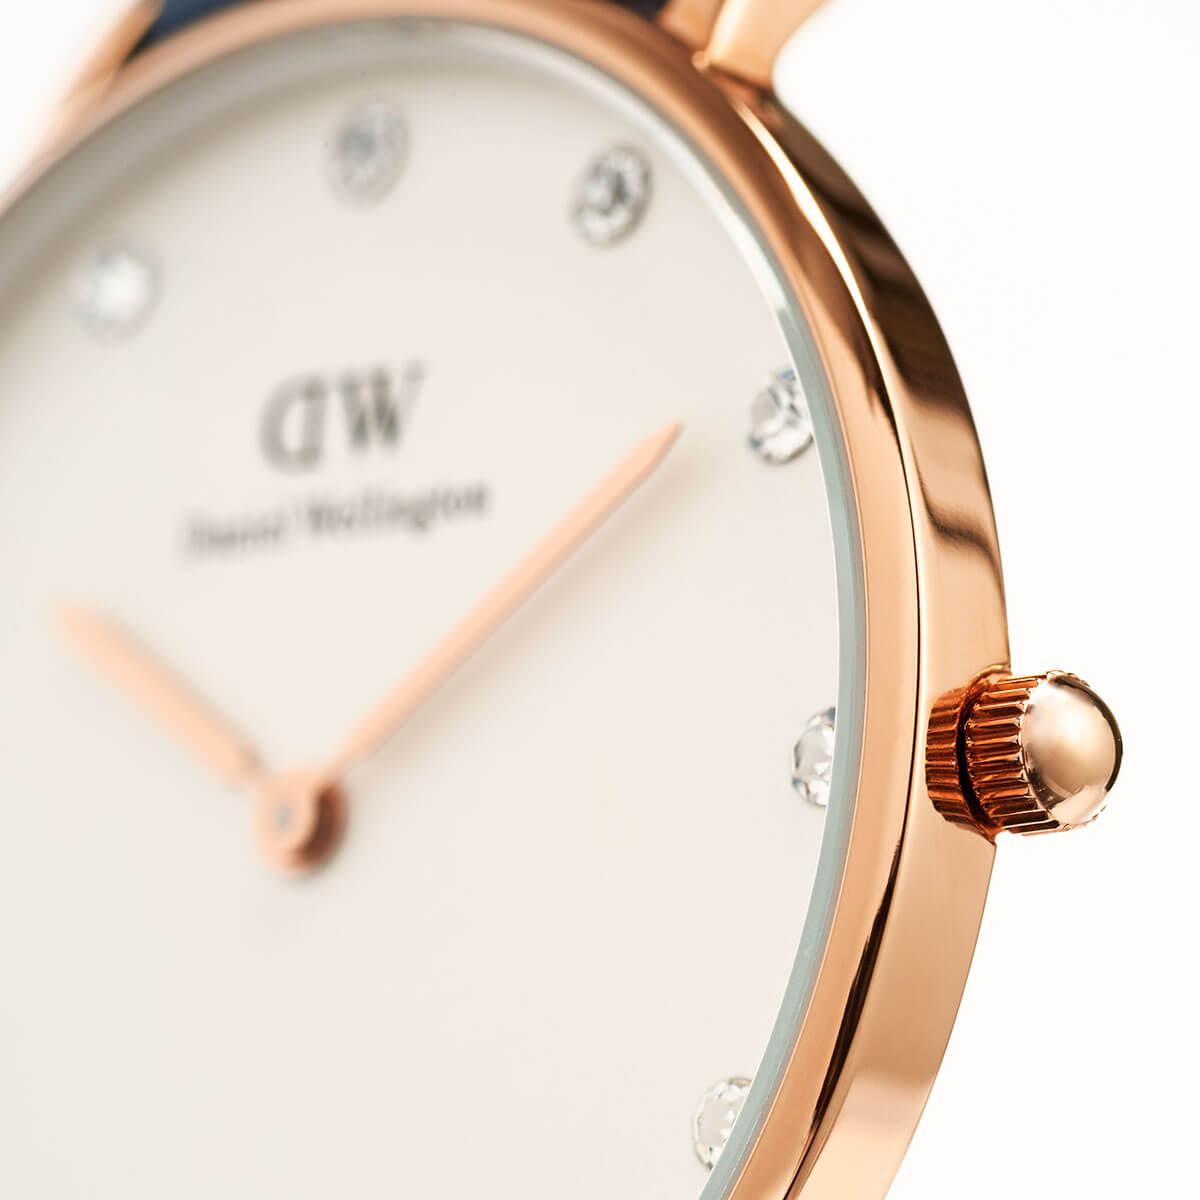 ダニエルウェリントン 34mm Daniel Wellington シェフィールド ローズ メンズ レディース 腕時計